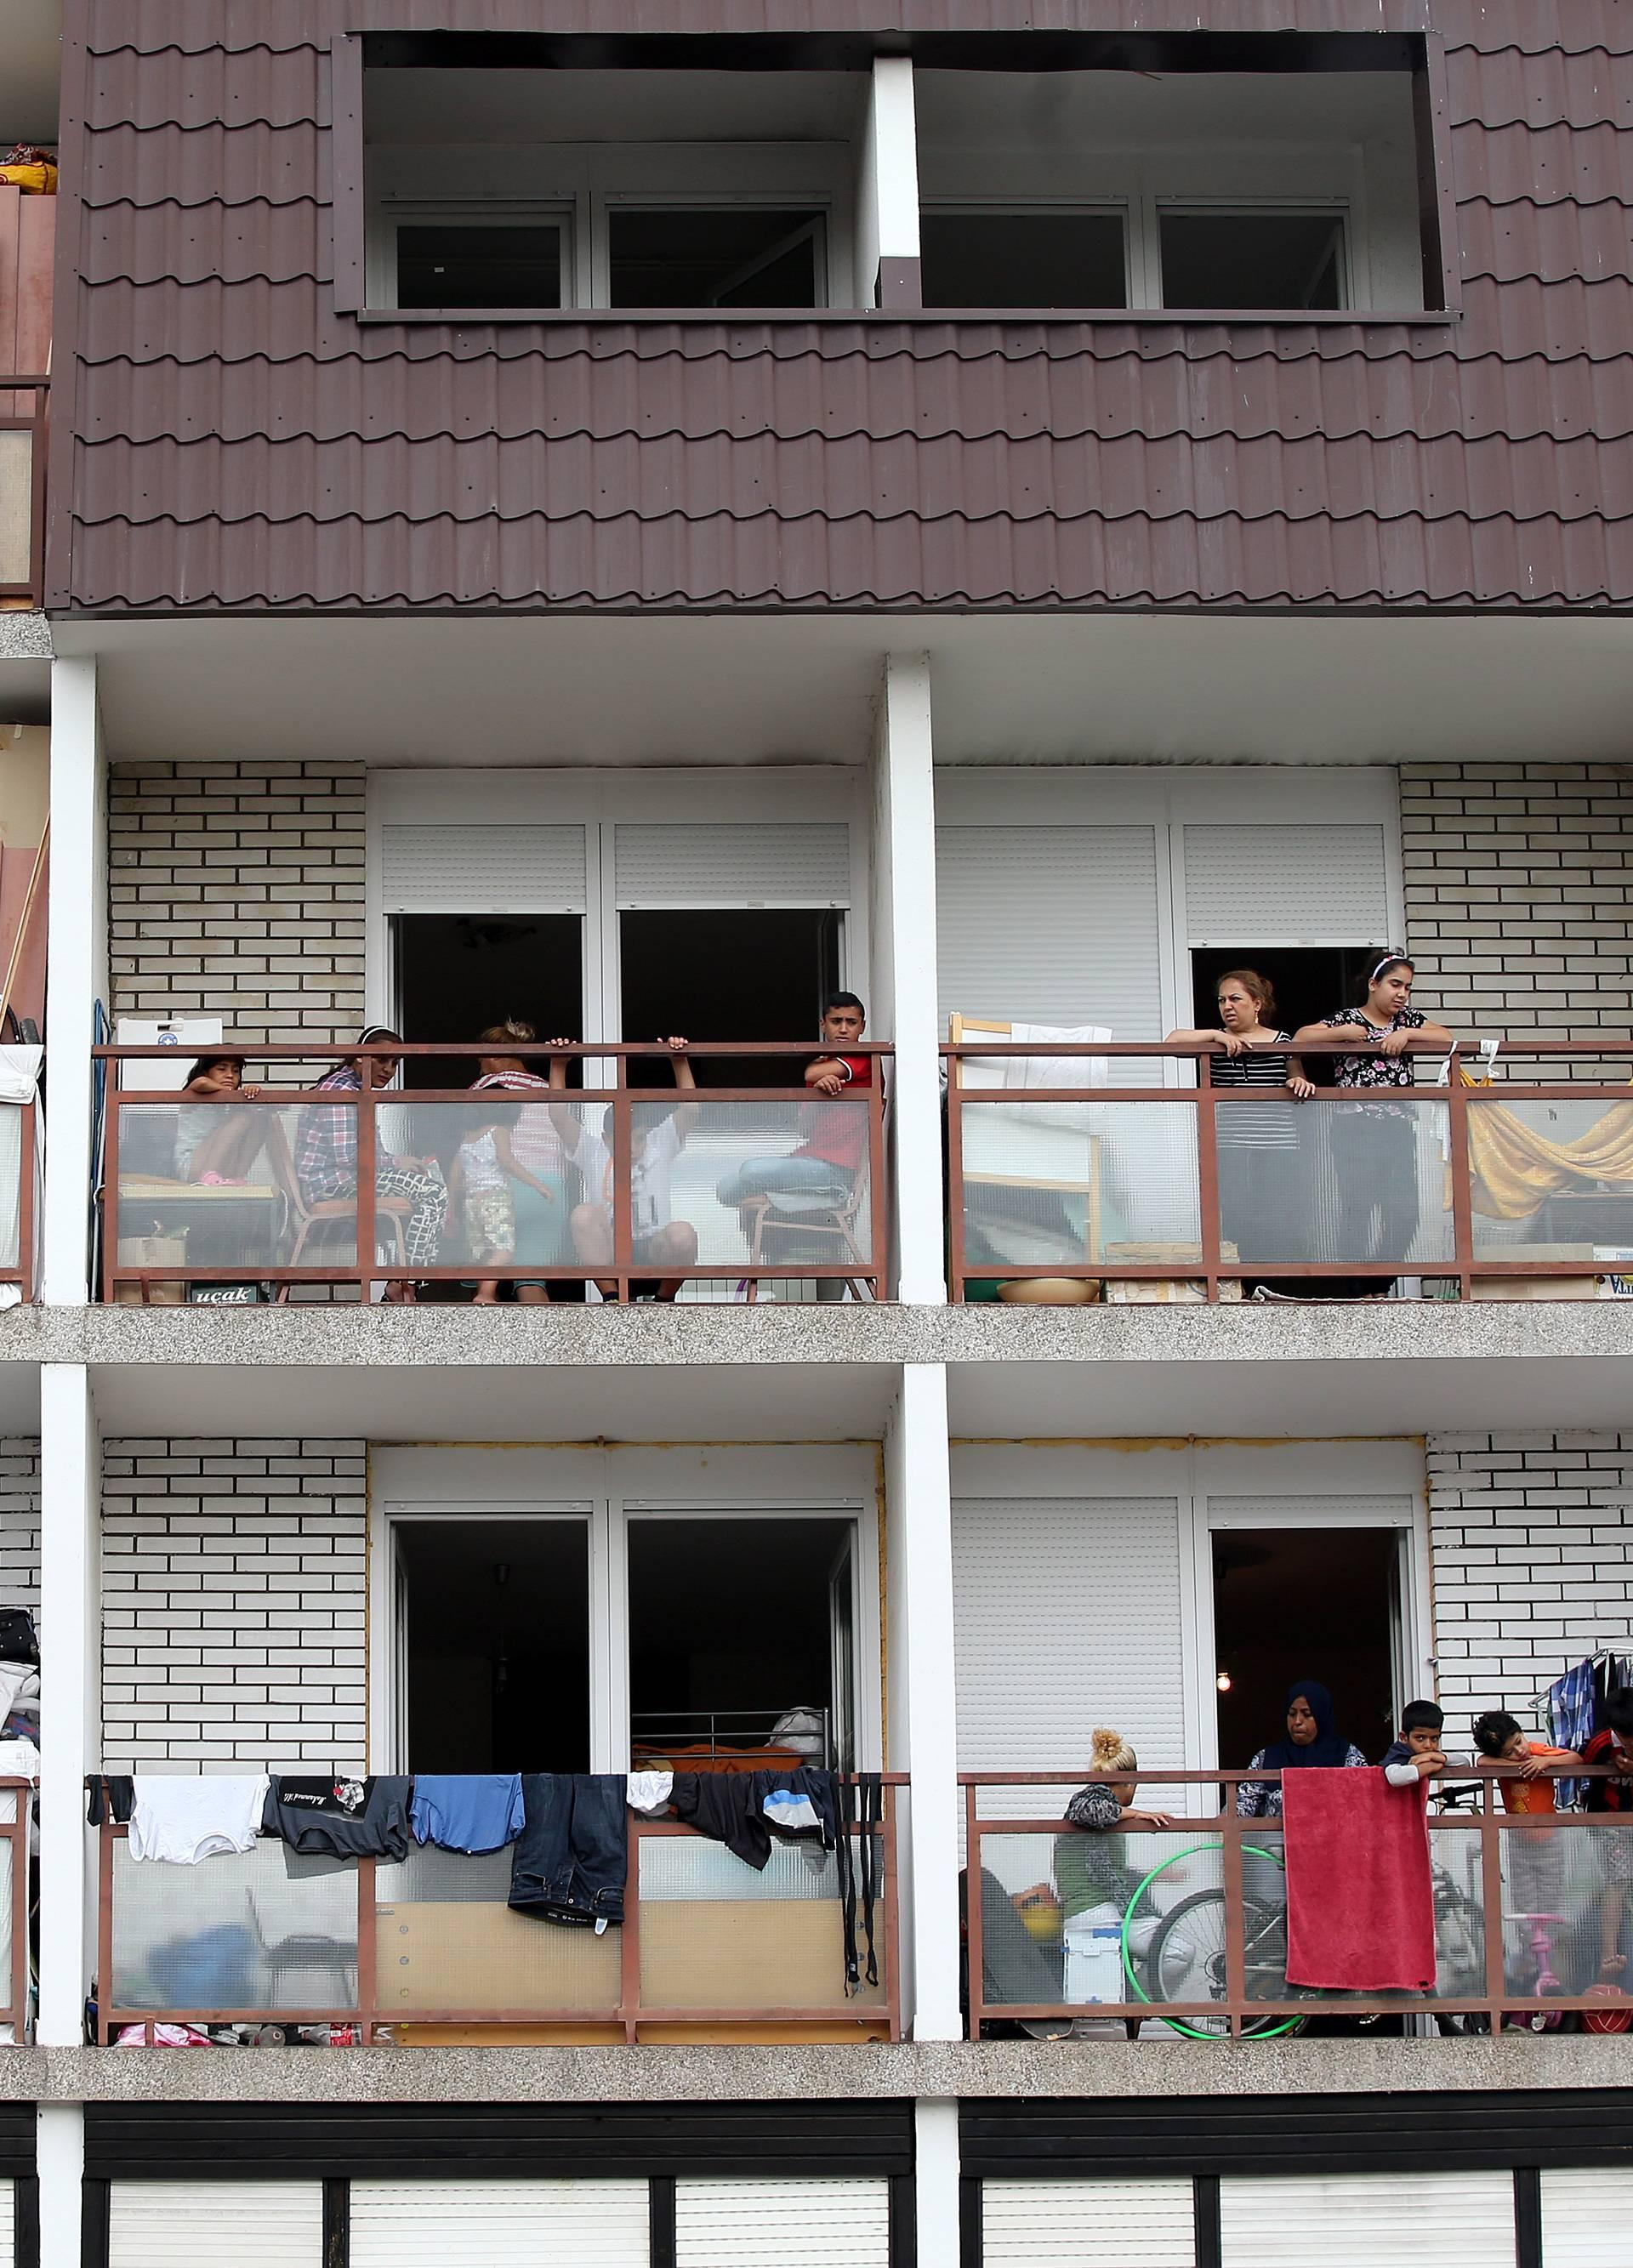 Porin će renovirati: Azilante će privremeno preseliti na Lanište